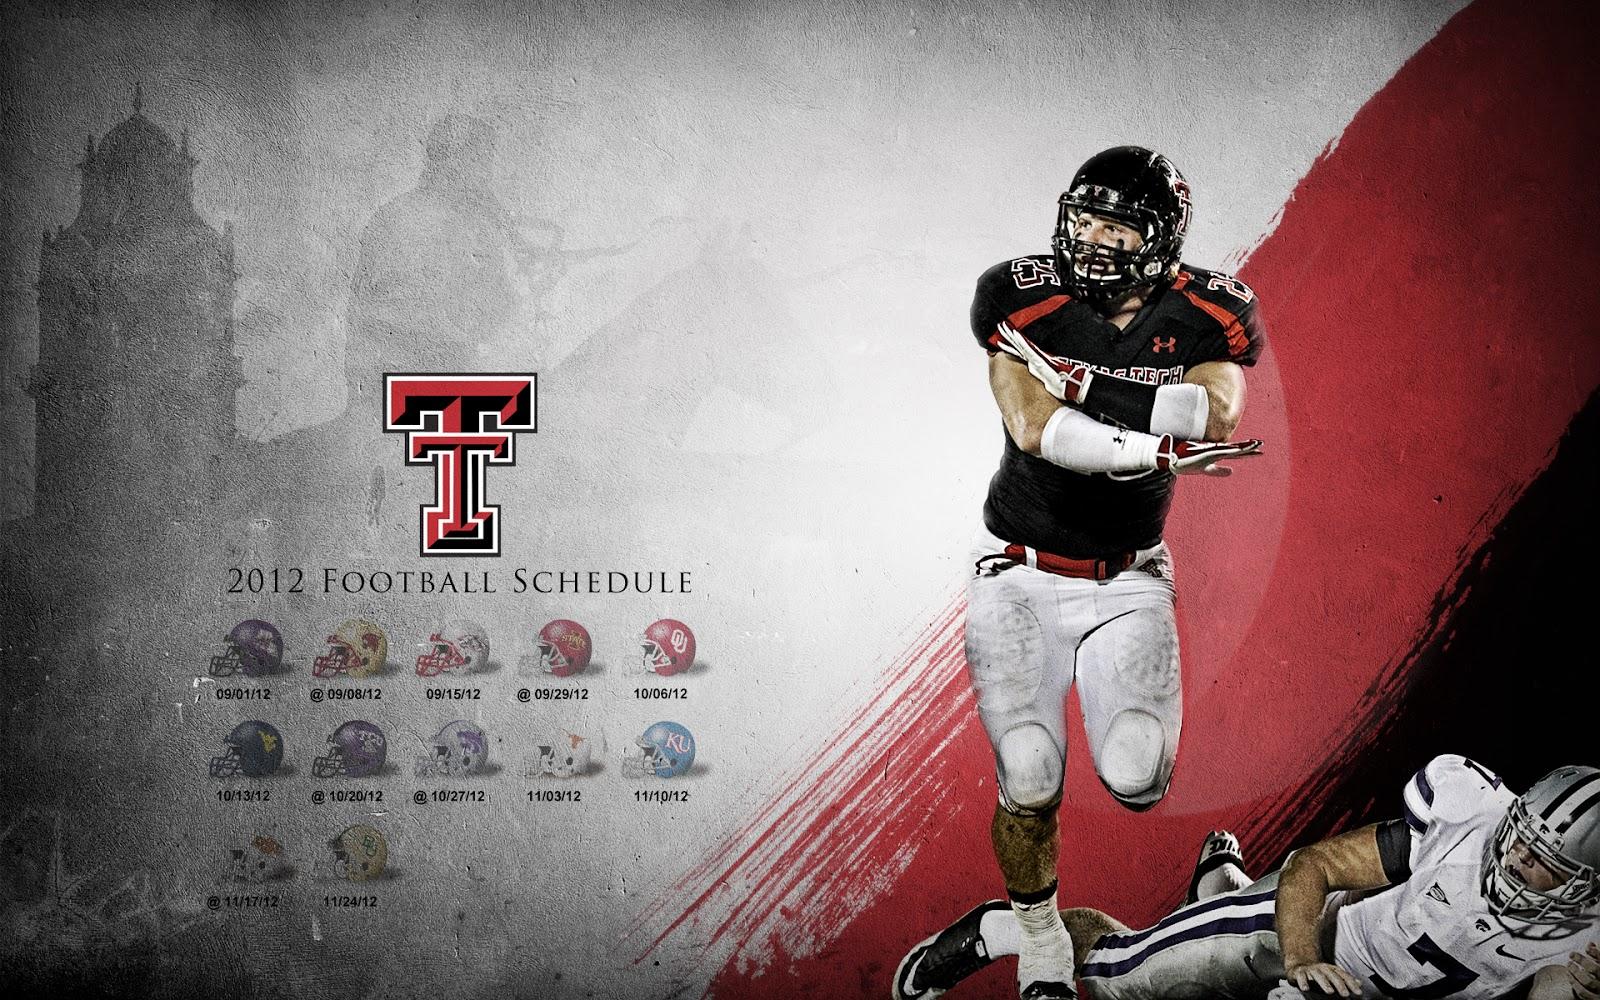 Texas Tech 2012 Football Schedule Paint Design Relay Texas Tech Football Wallpaper 2020 1600x1000 Download Hd Wallpaper Wallpapertip